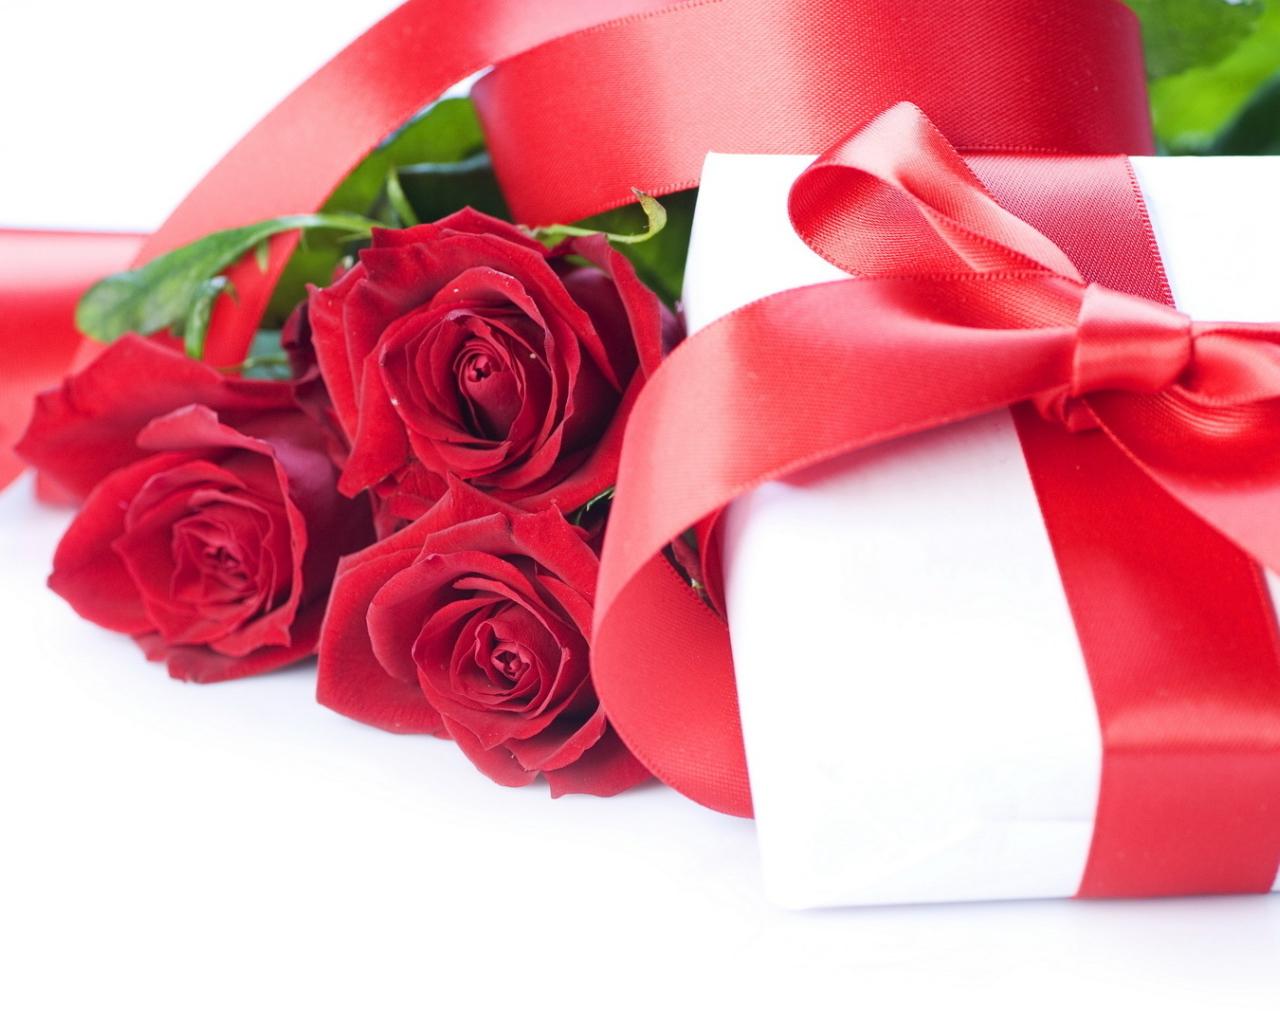 Открытка для девушки с подарком 682